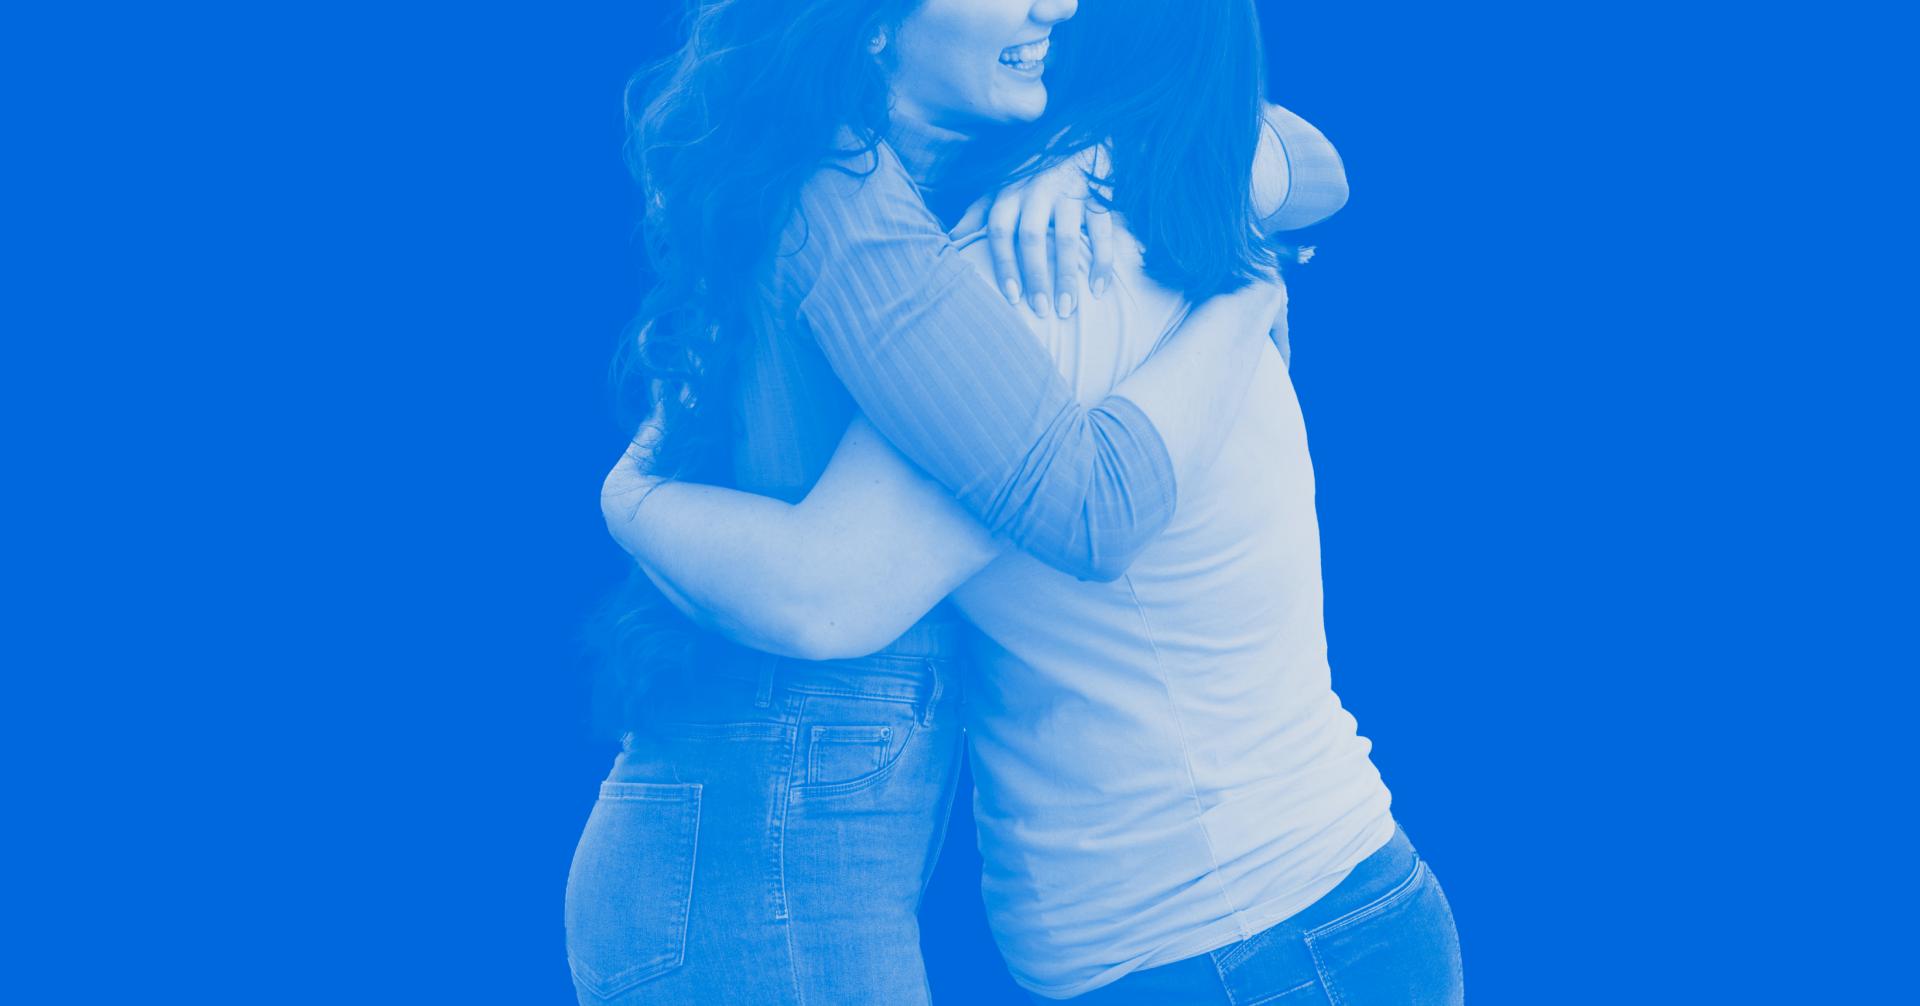 Dia das mães 2021: Sentimentos e presentes mais populares!